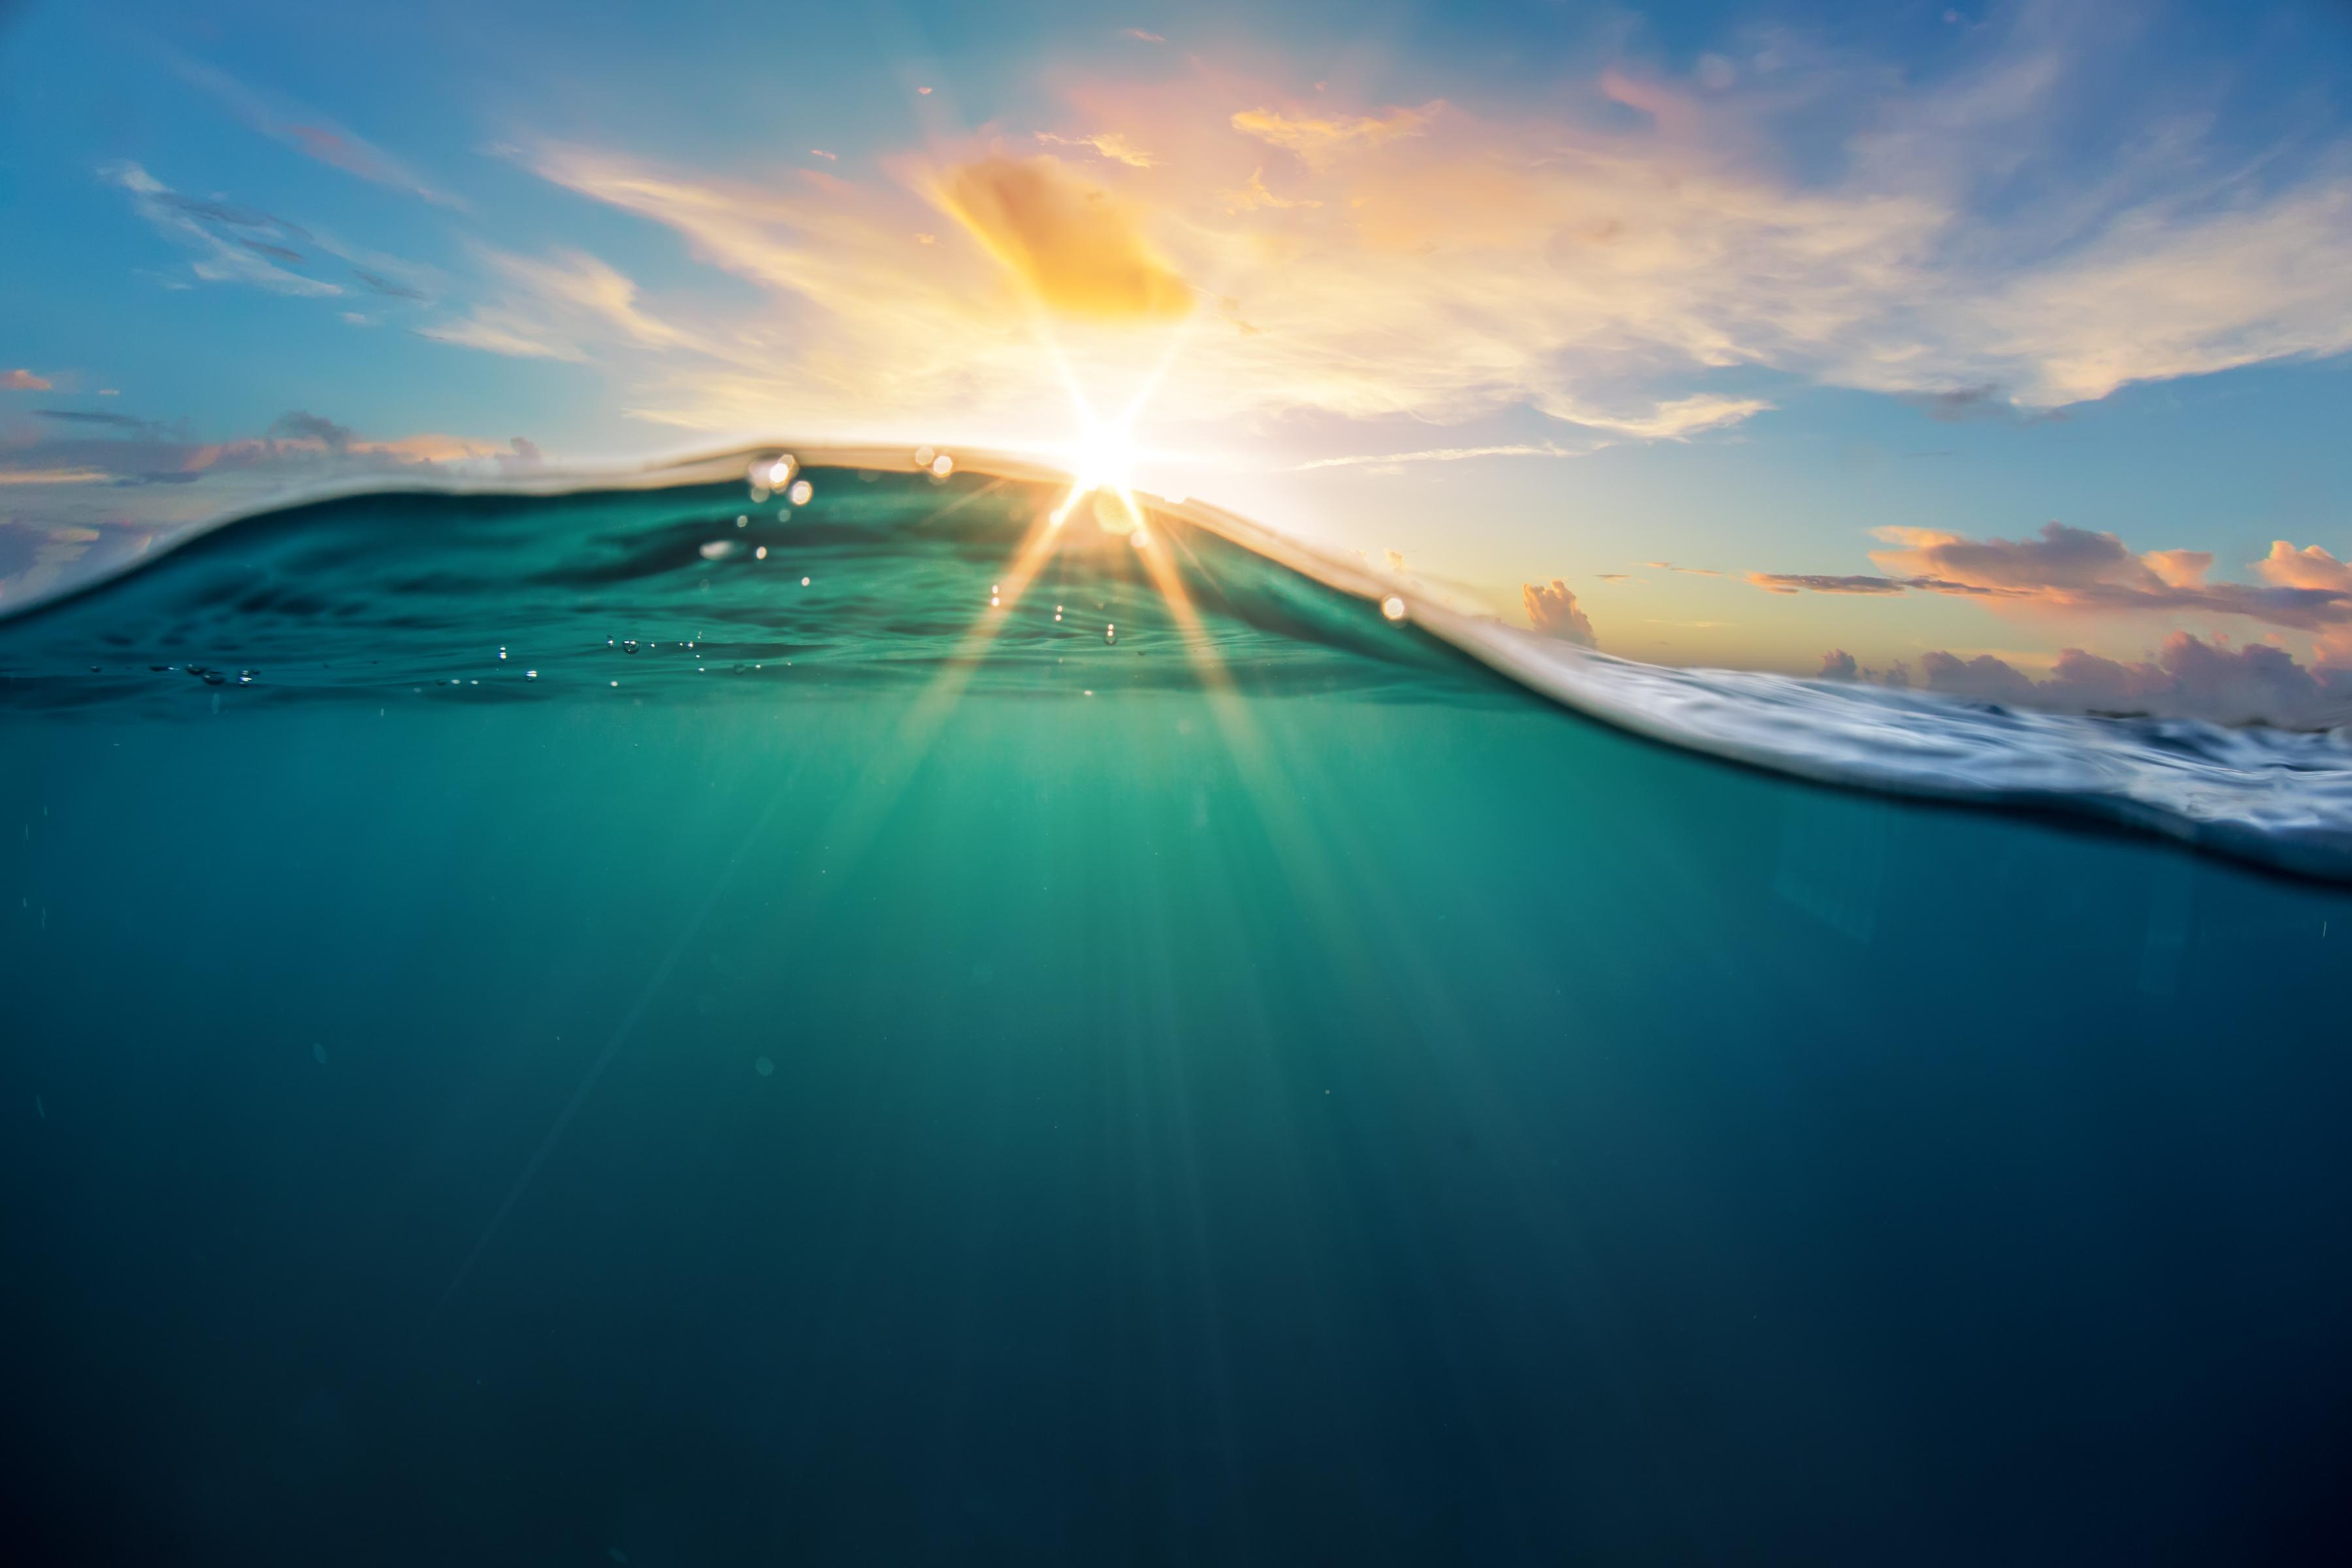 ocean-clean-up-haultail